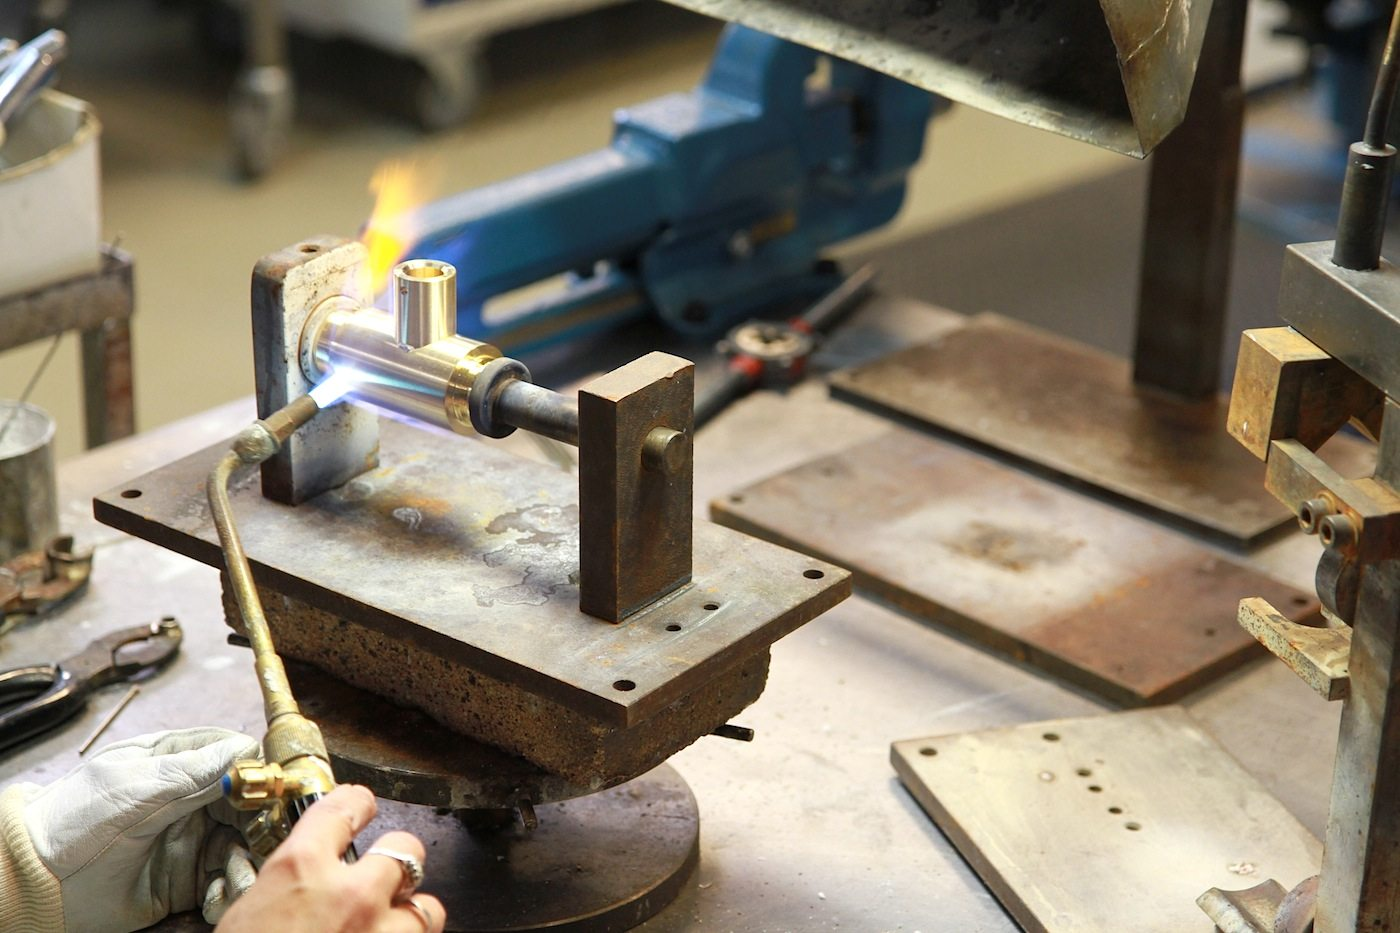 Vola Produktion. Handarbeit und die Fähigkeiten des menschlichen Auges machen jedes Stück zu einem Unikat.